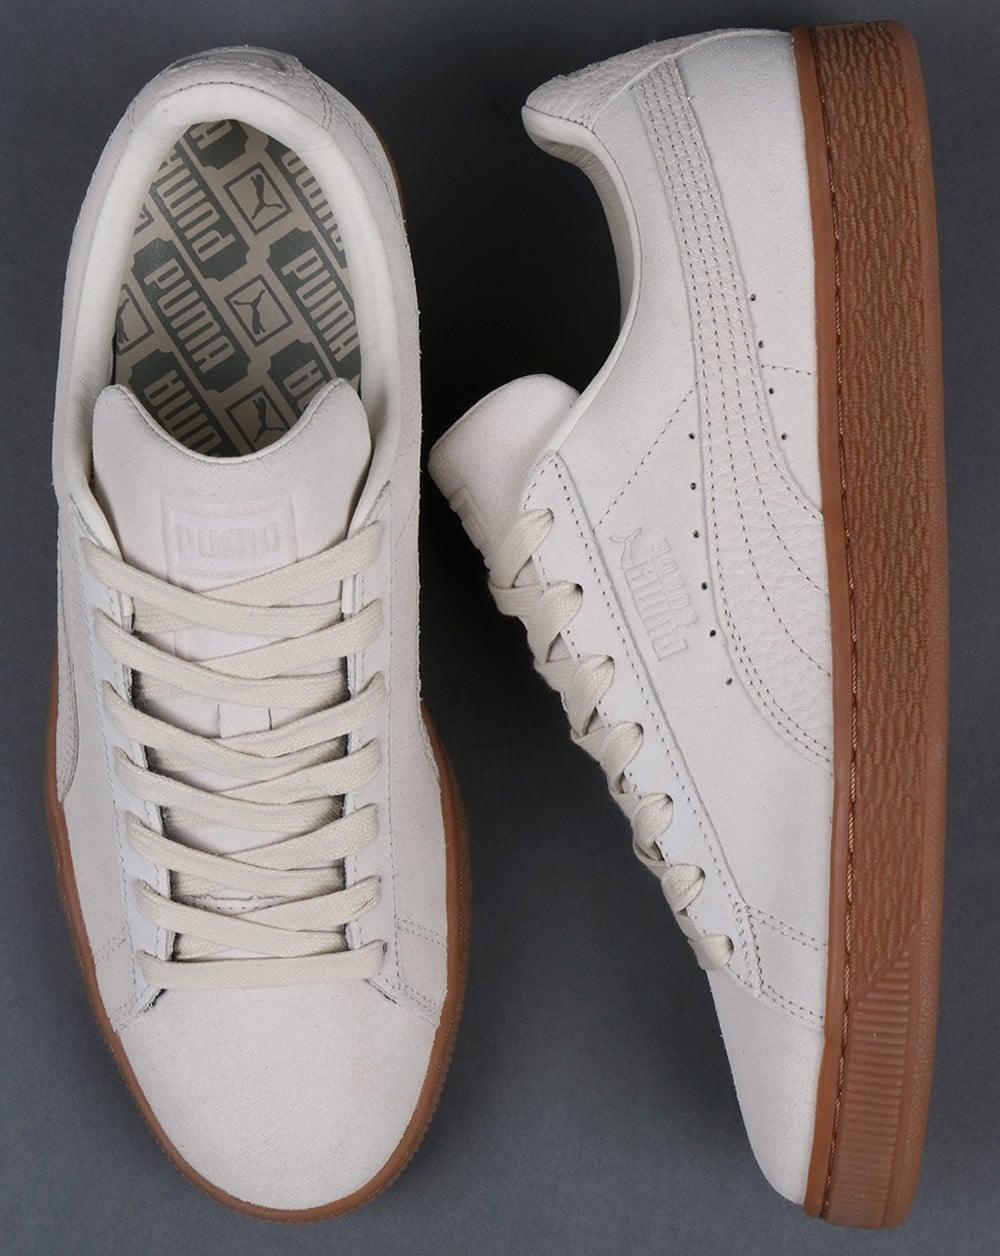 Puma Suede Classic Premium Trainers Off white Gum c61472046